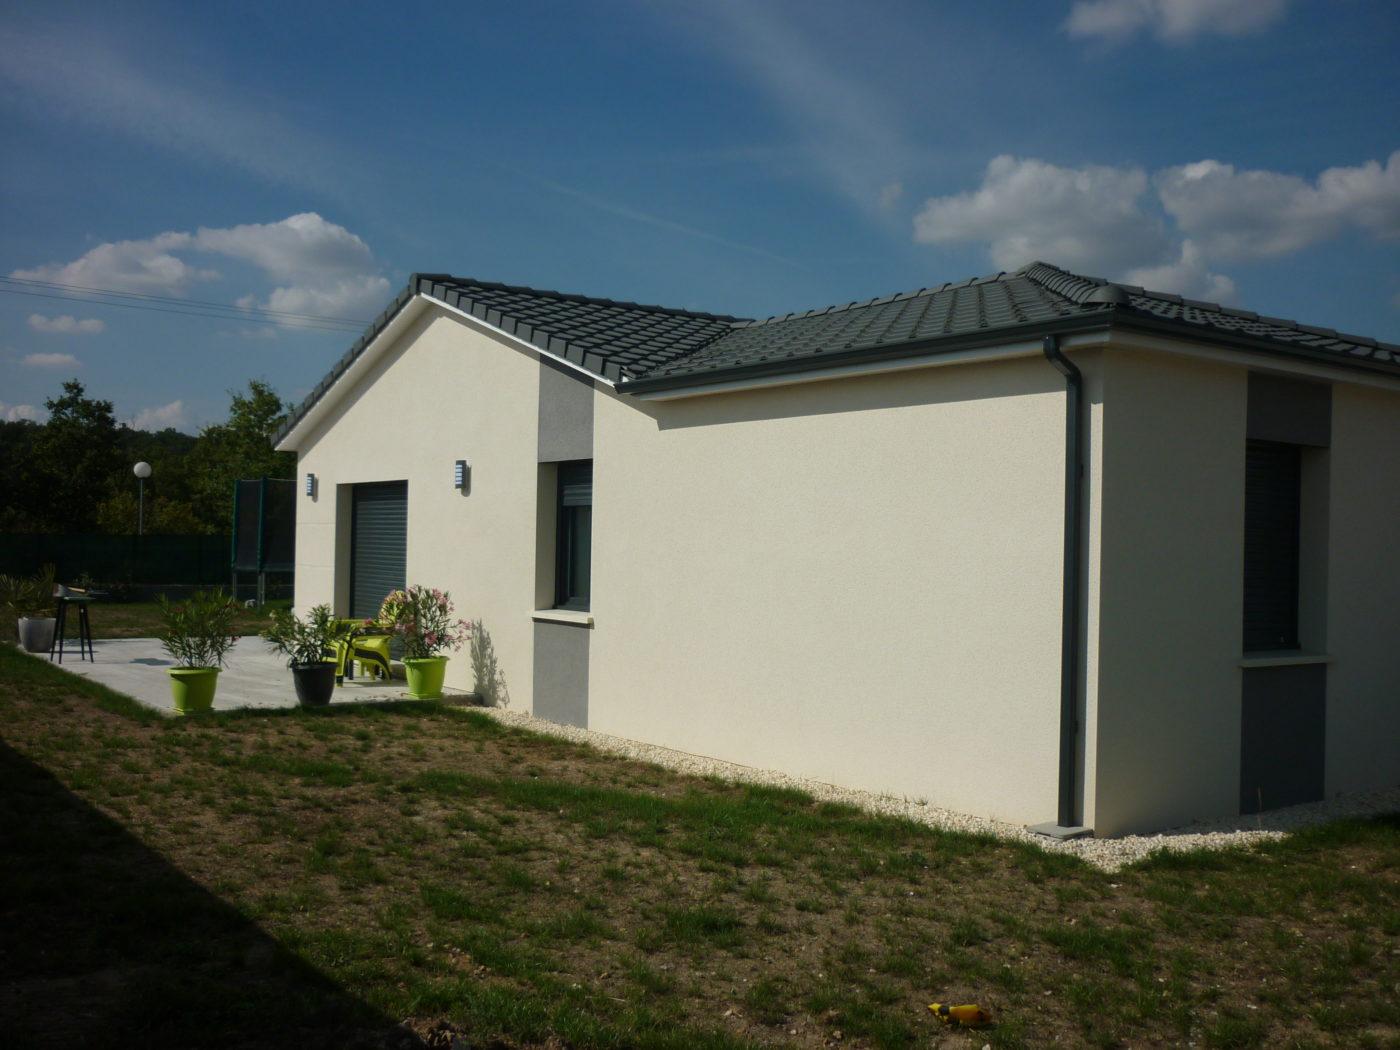 Bonne maison constructeur de maisons charente for Constructeur de maison